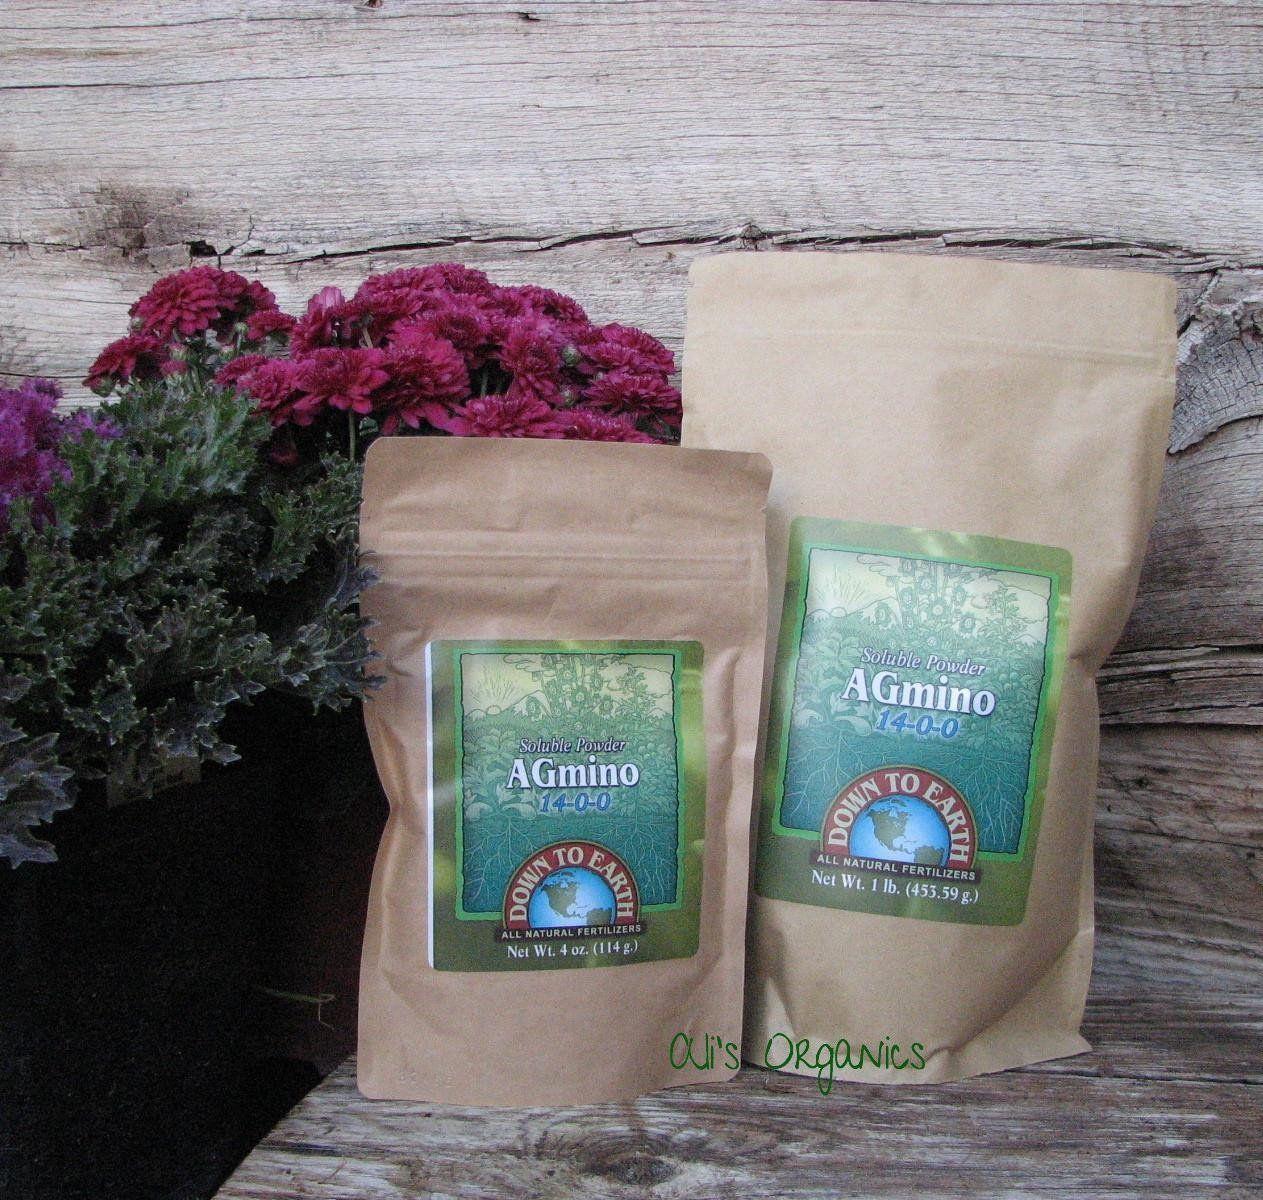 Gardening supplies that will make your garden grow better